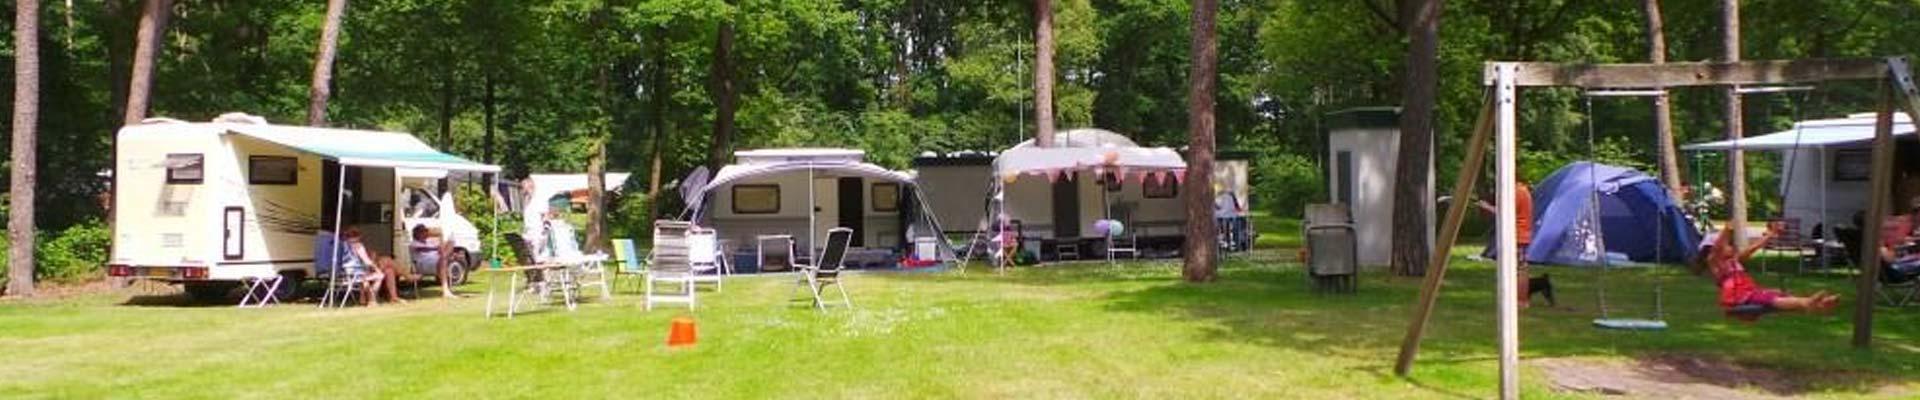 Camping Zwanemeer